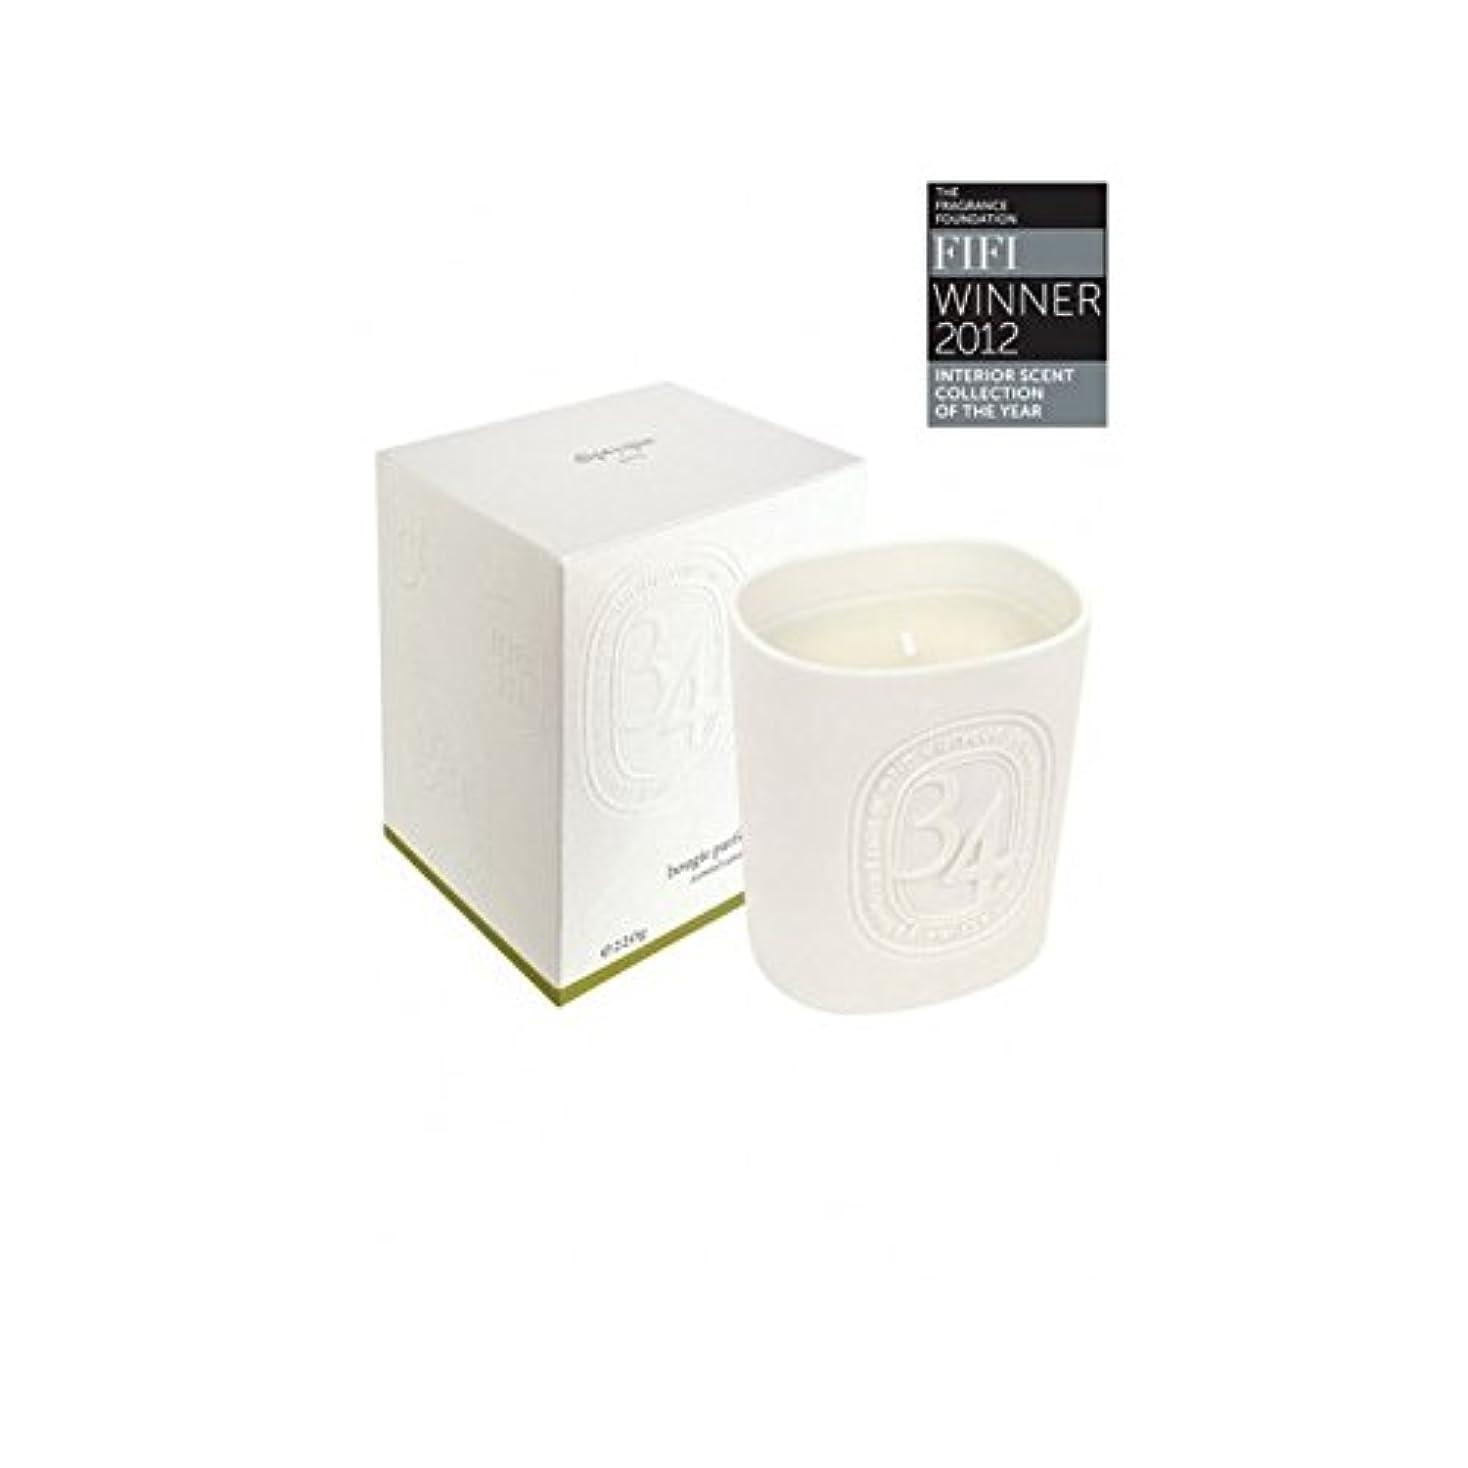 したがって燃料インストールDiptyque Collection 34 Boulevard Saint Germain Candle 220g (Pack of 2) - Diptyqueコレクション34大通りサンジェルマンキャンドル220グラム...